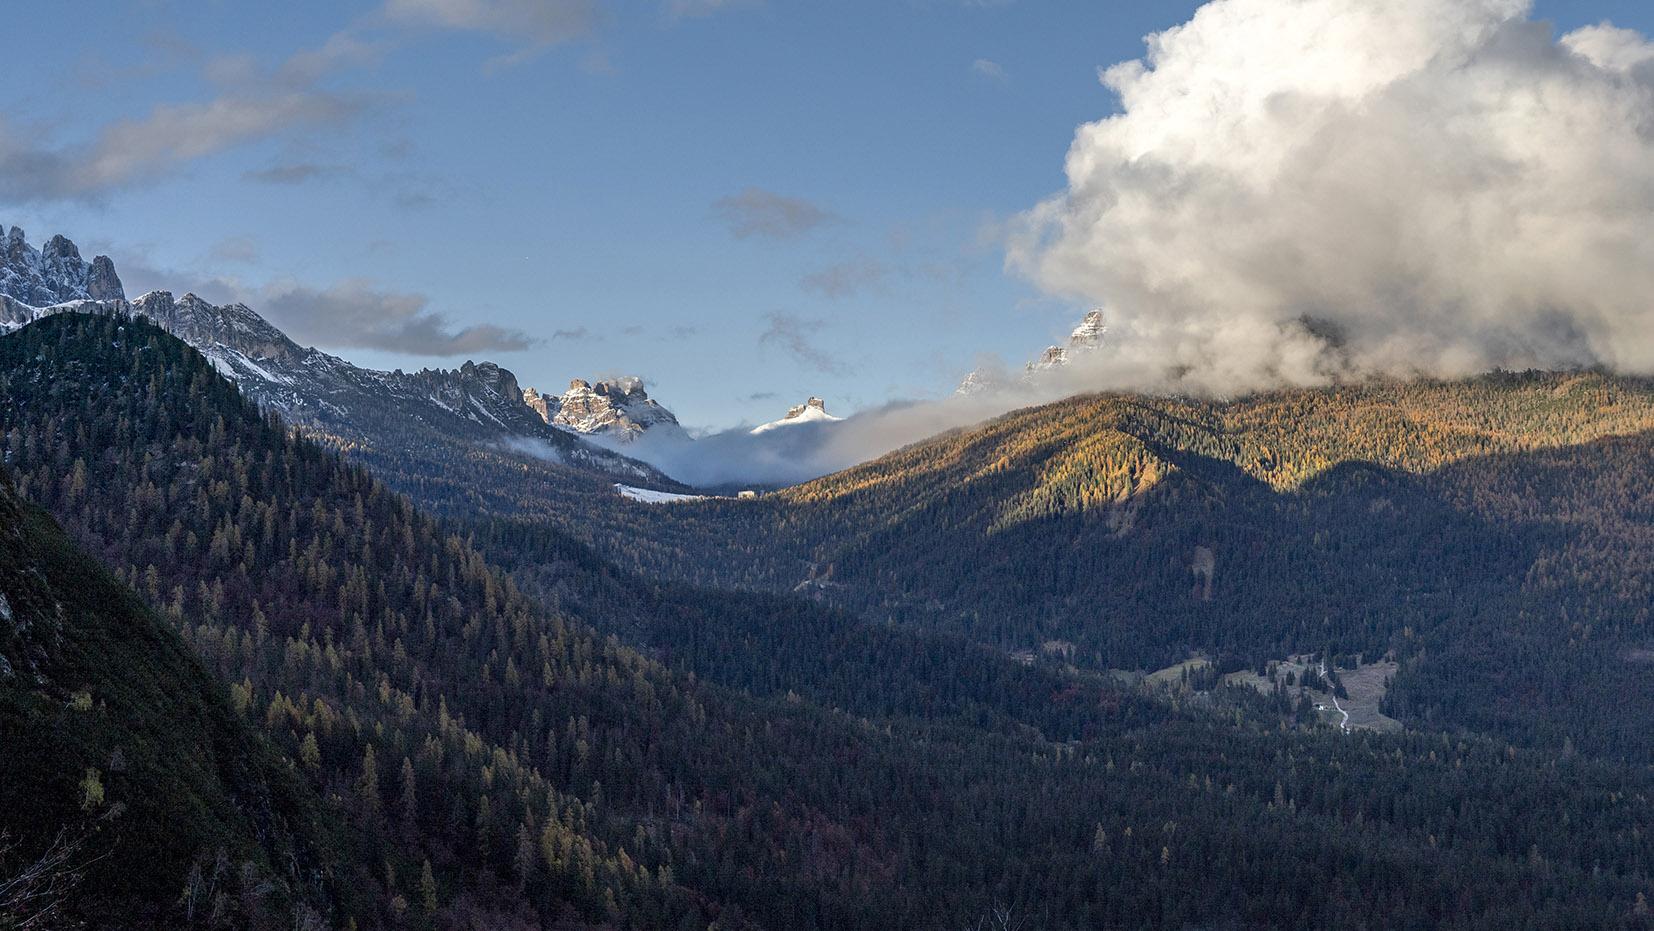 randonnée Sud-tyrol sapins automne coucher de soleil nuages